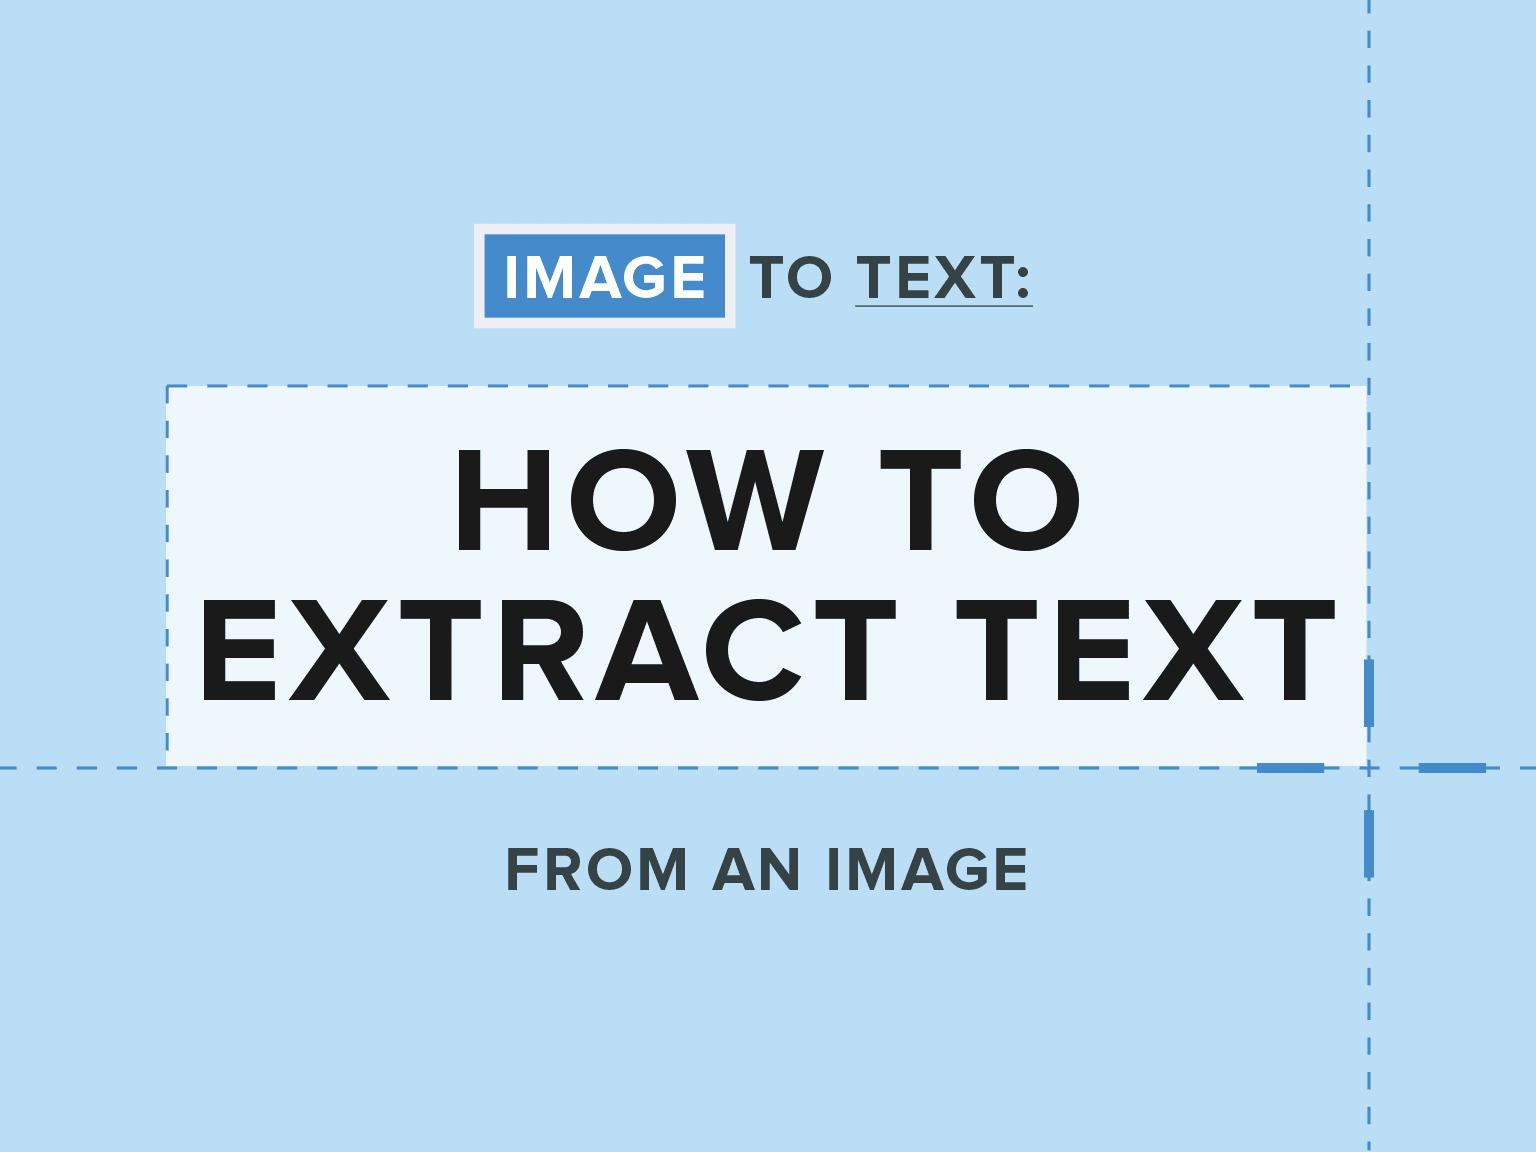 Comment faire un copier-coller du texte sur une image?